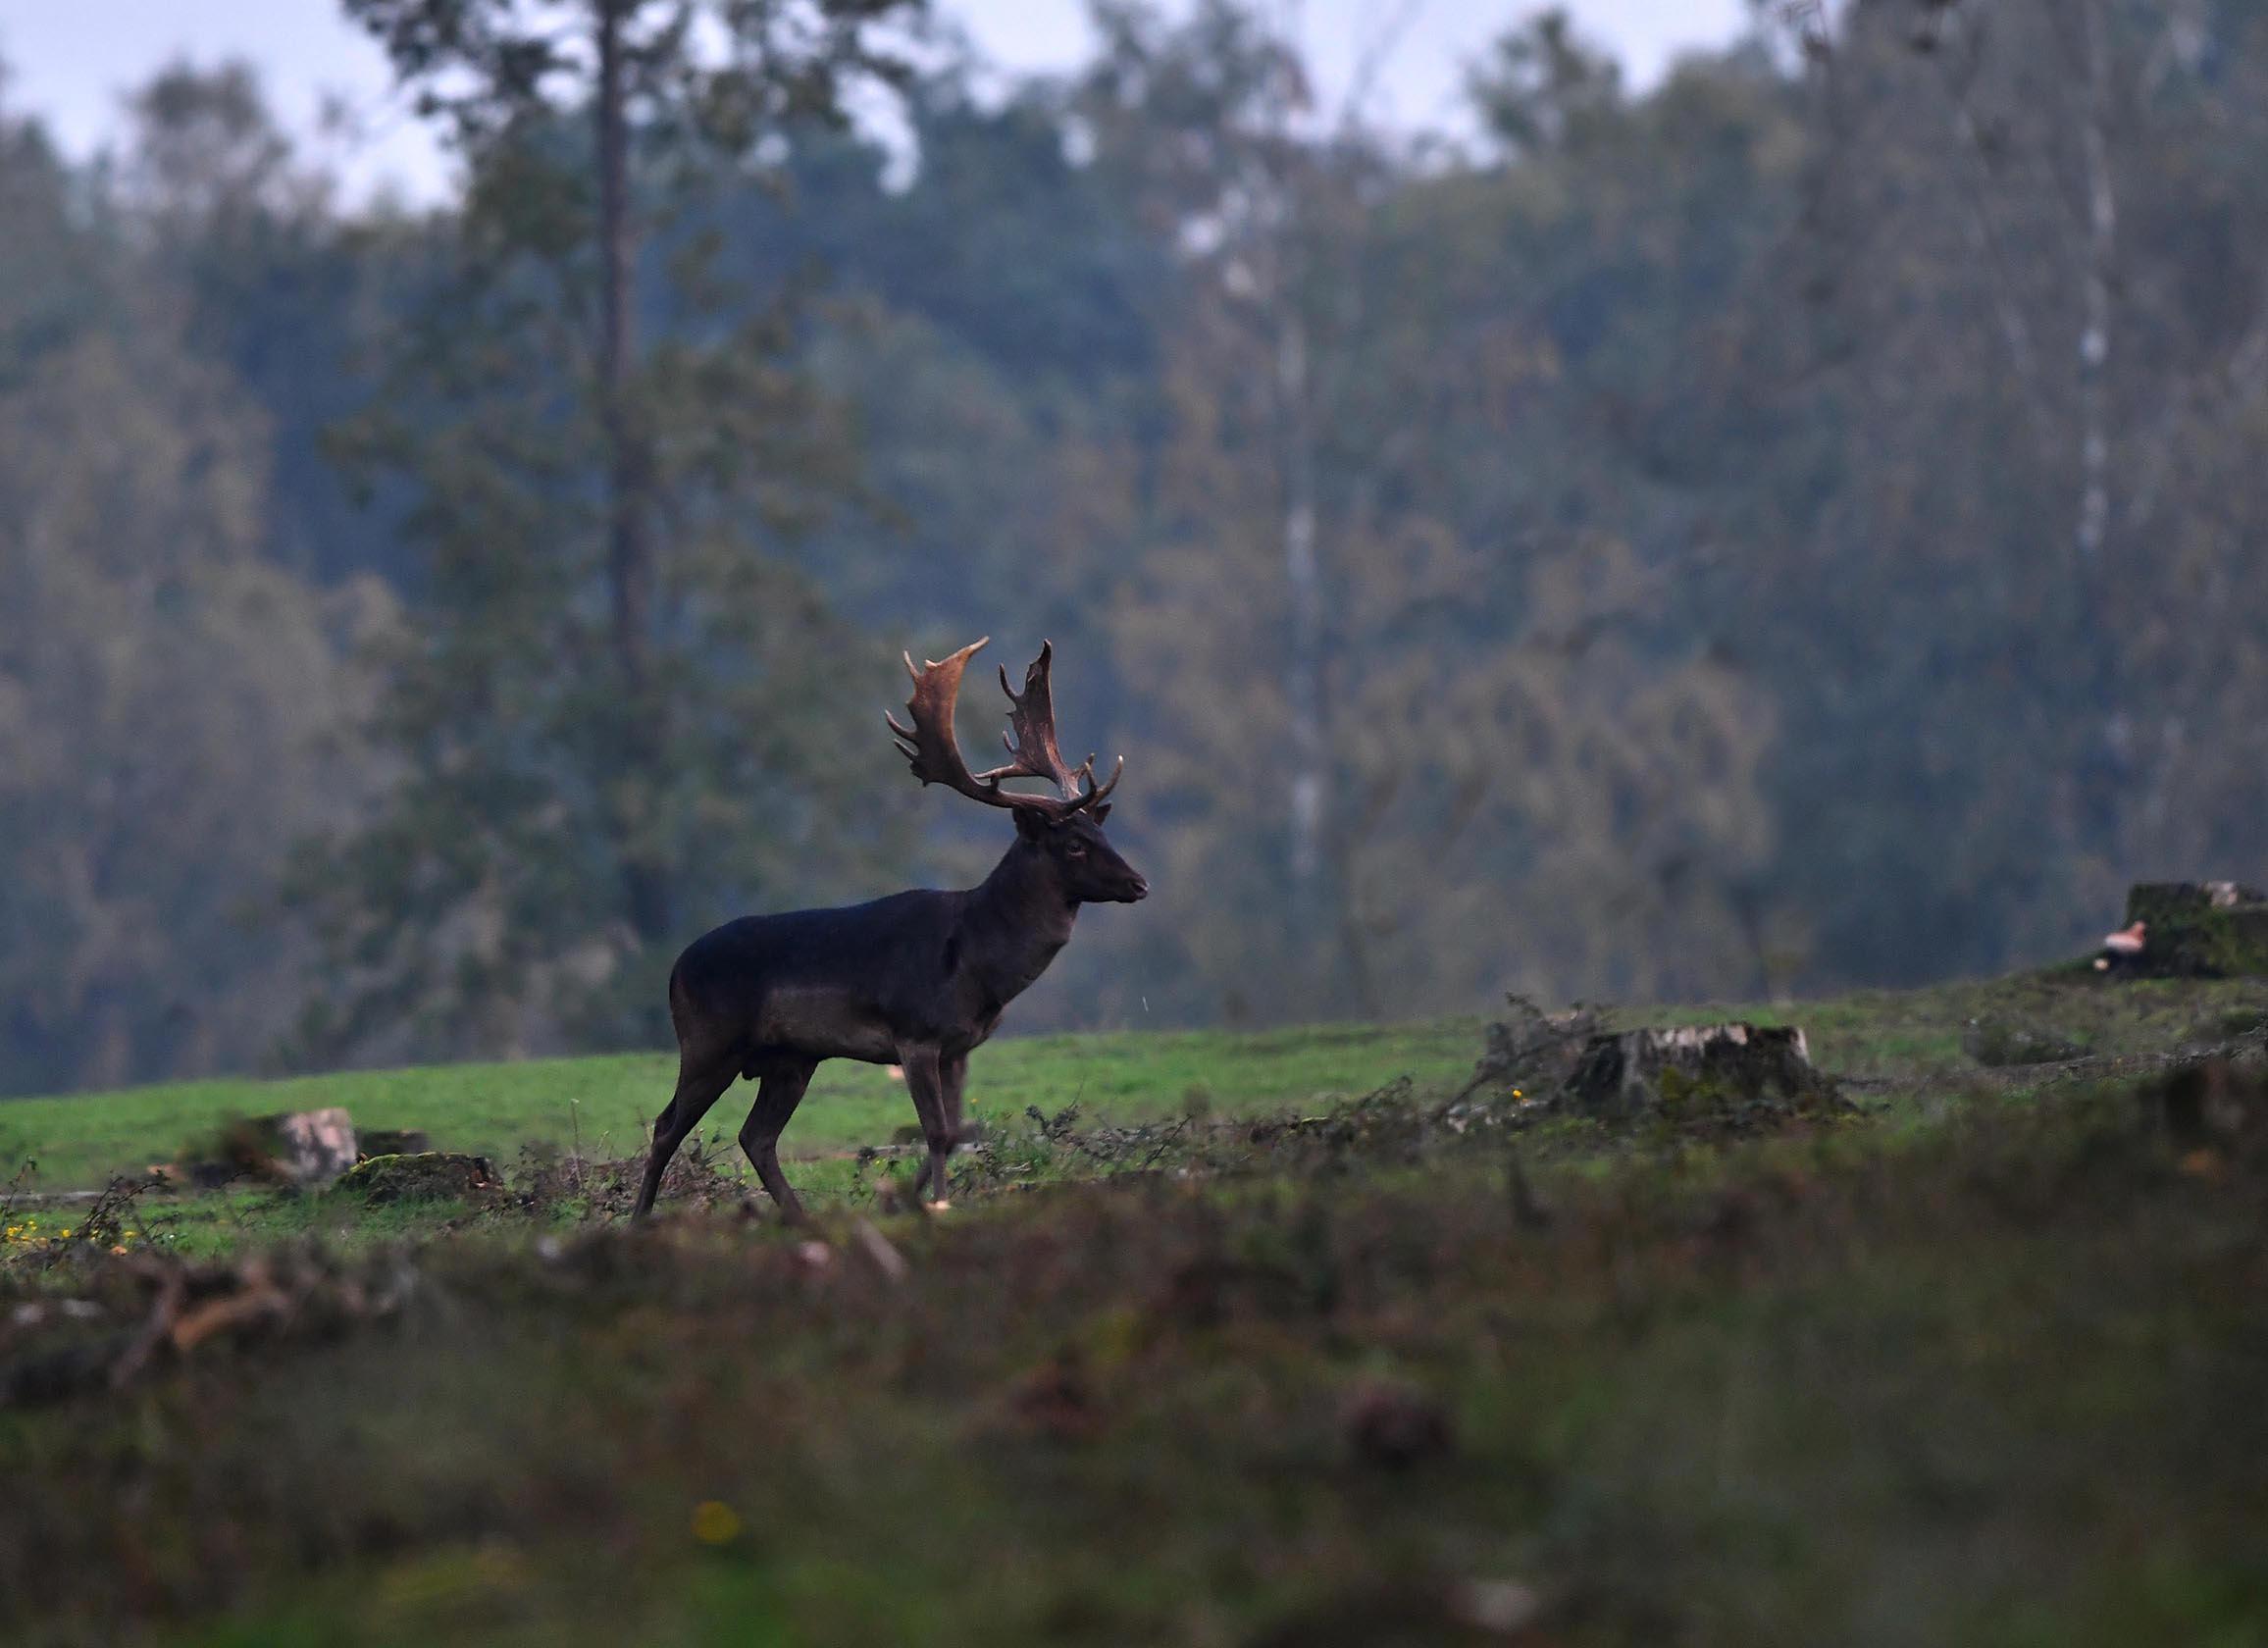 De donkere dambok stapt resoluut op zijn rivaal af – Foto: ©Louis Fraanje